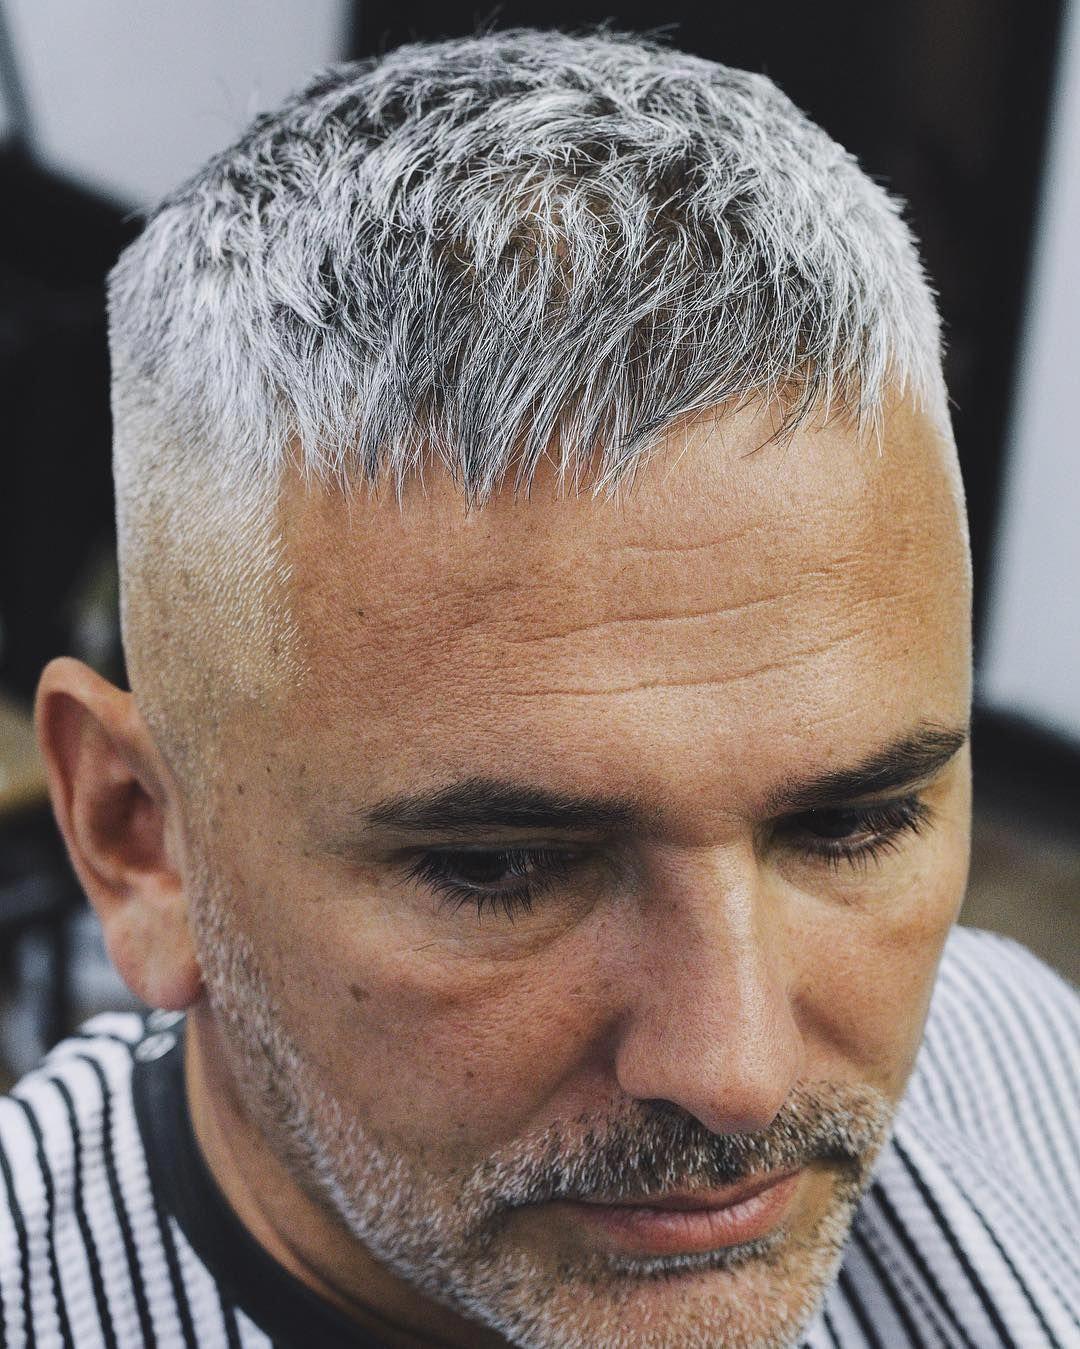 16+ How to cut older mens balding hair ideas